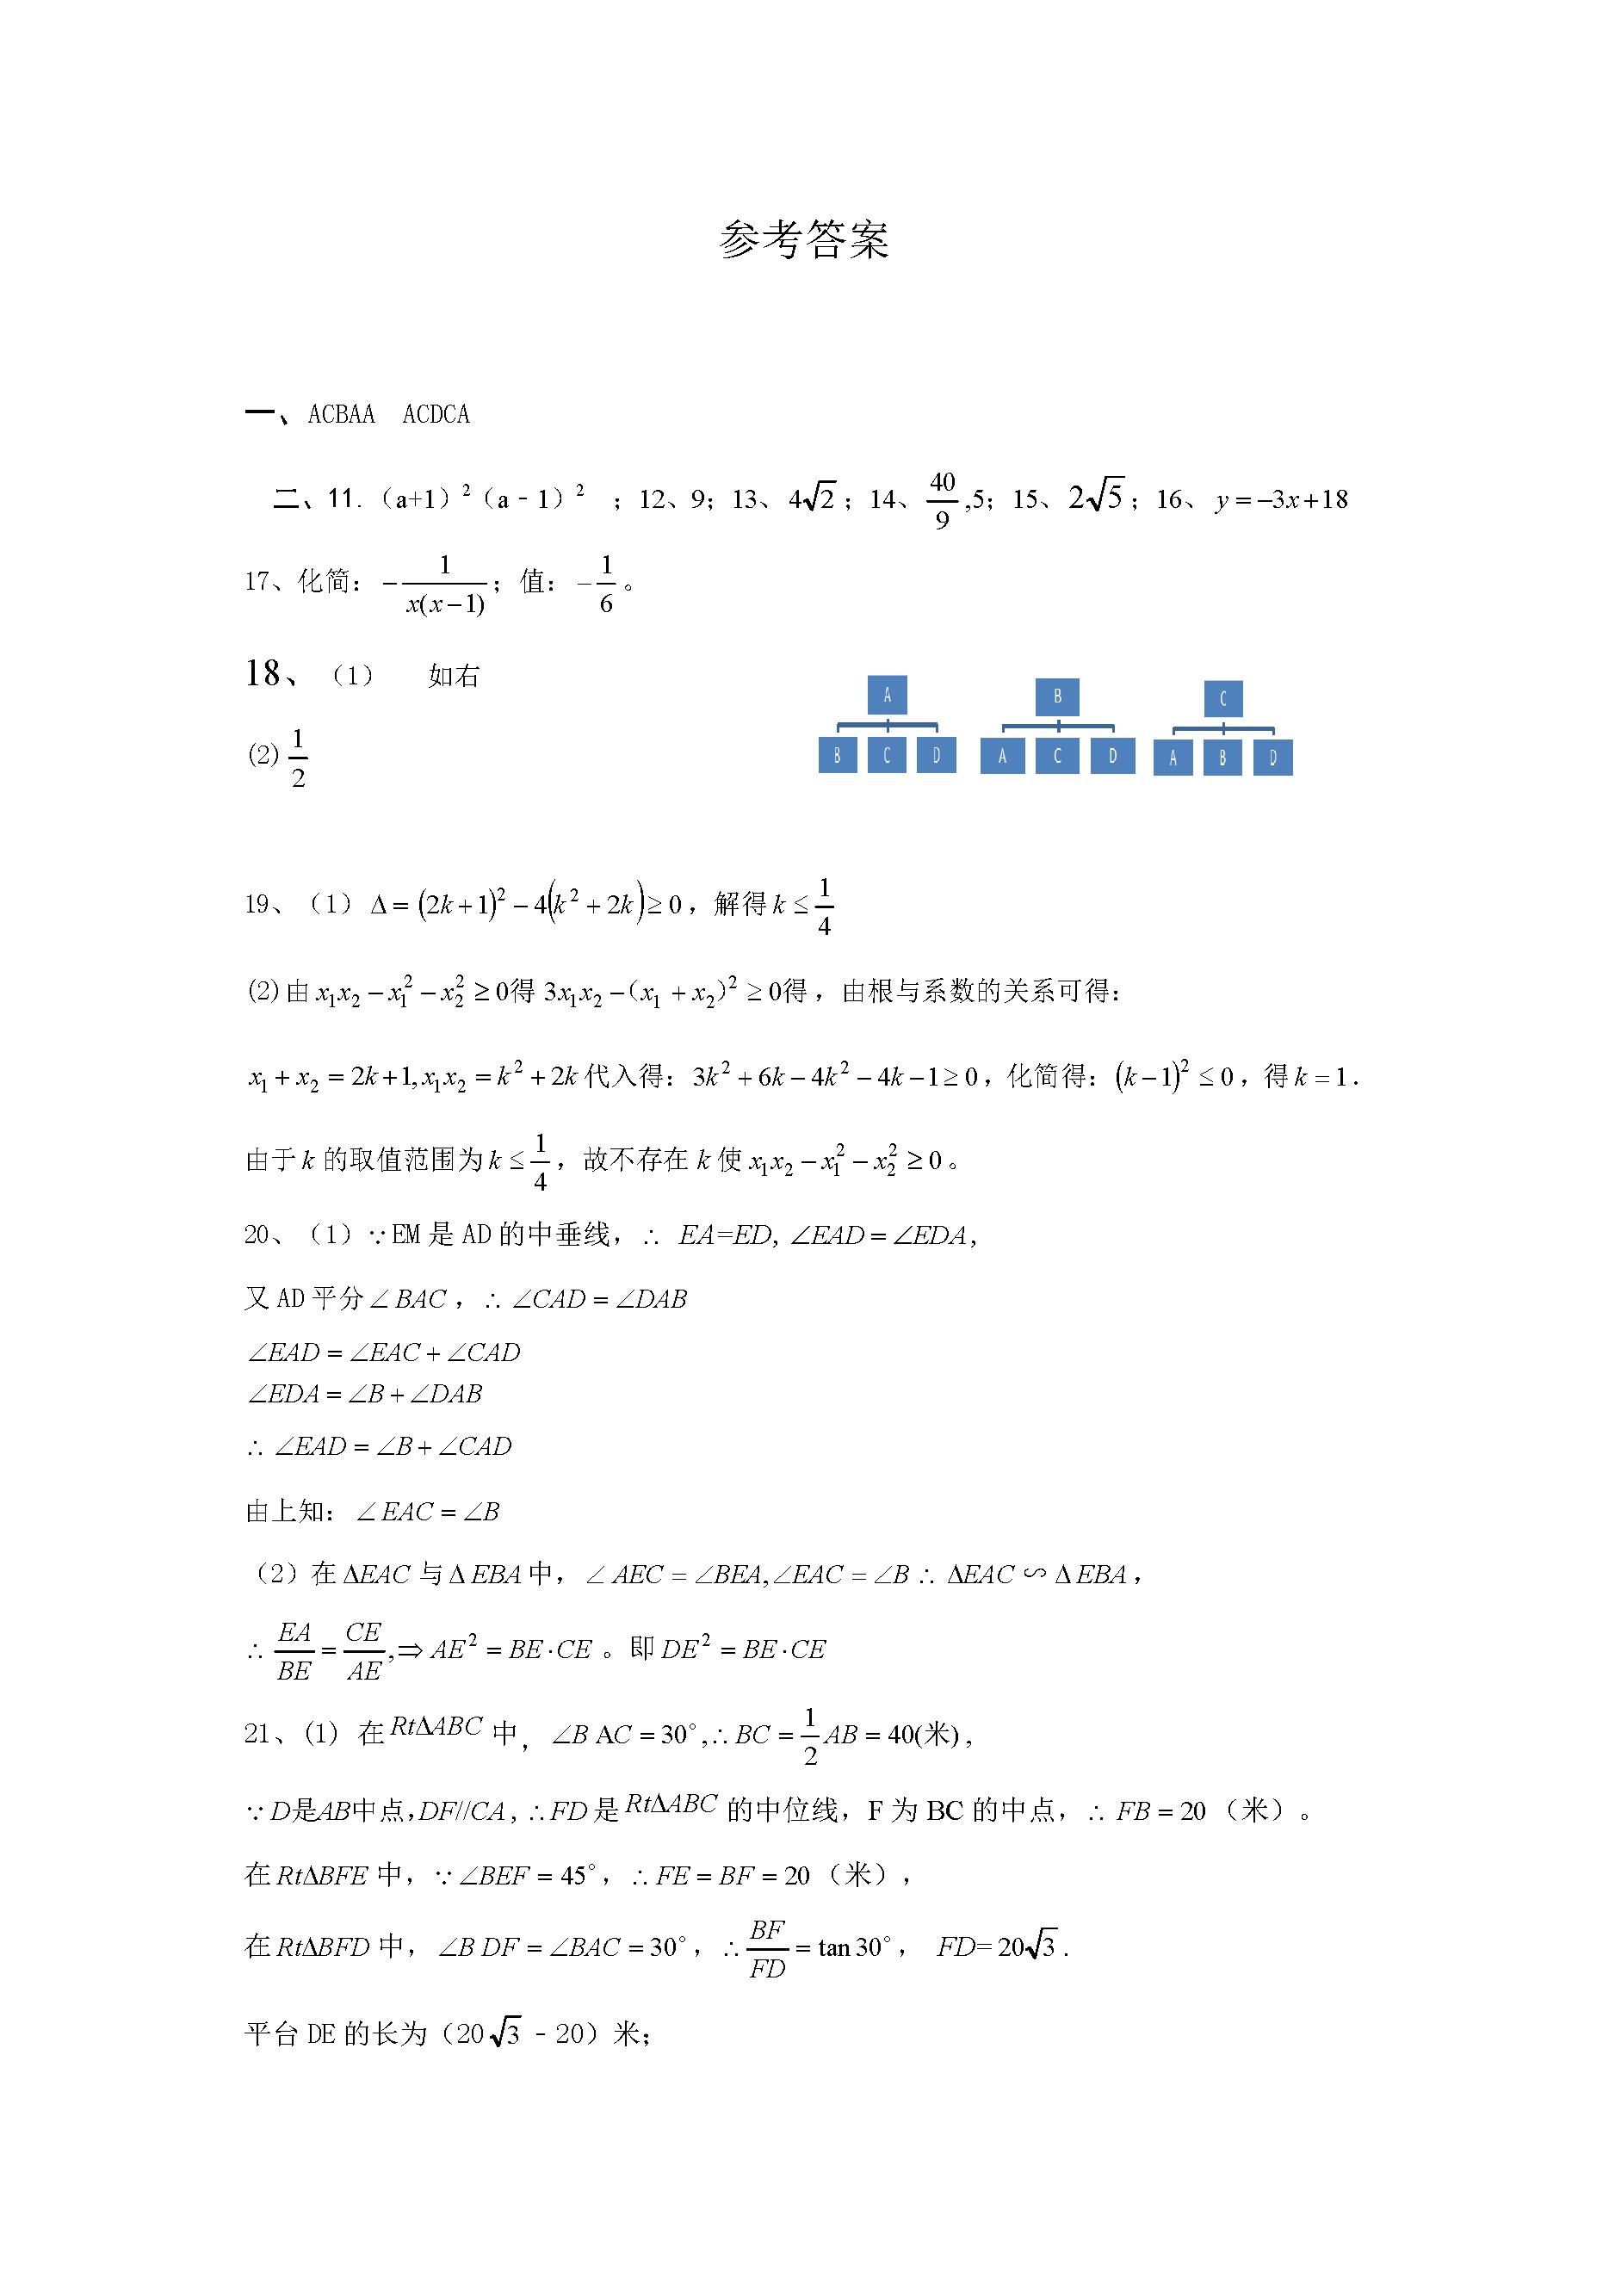 湖北省鄂州市2017届九年级下学期期中考试数学试卷答案共3页